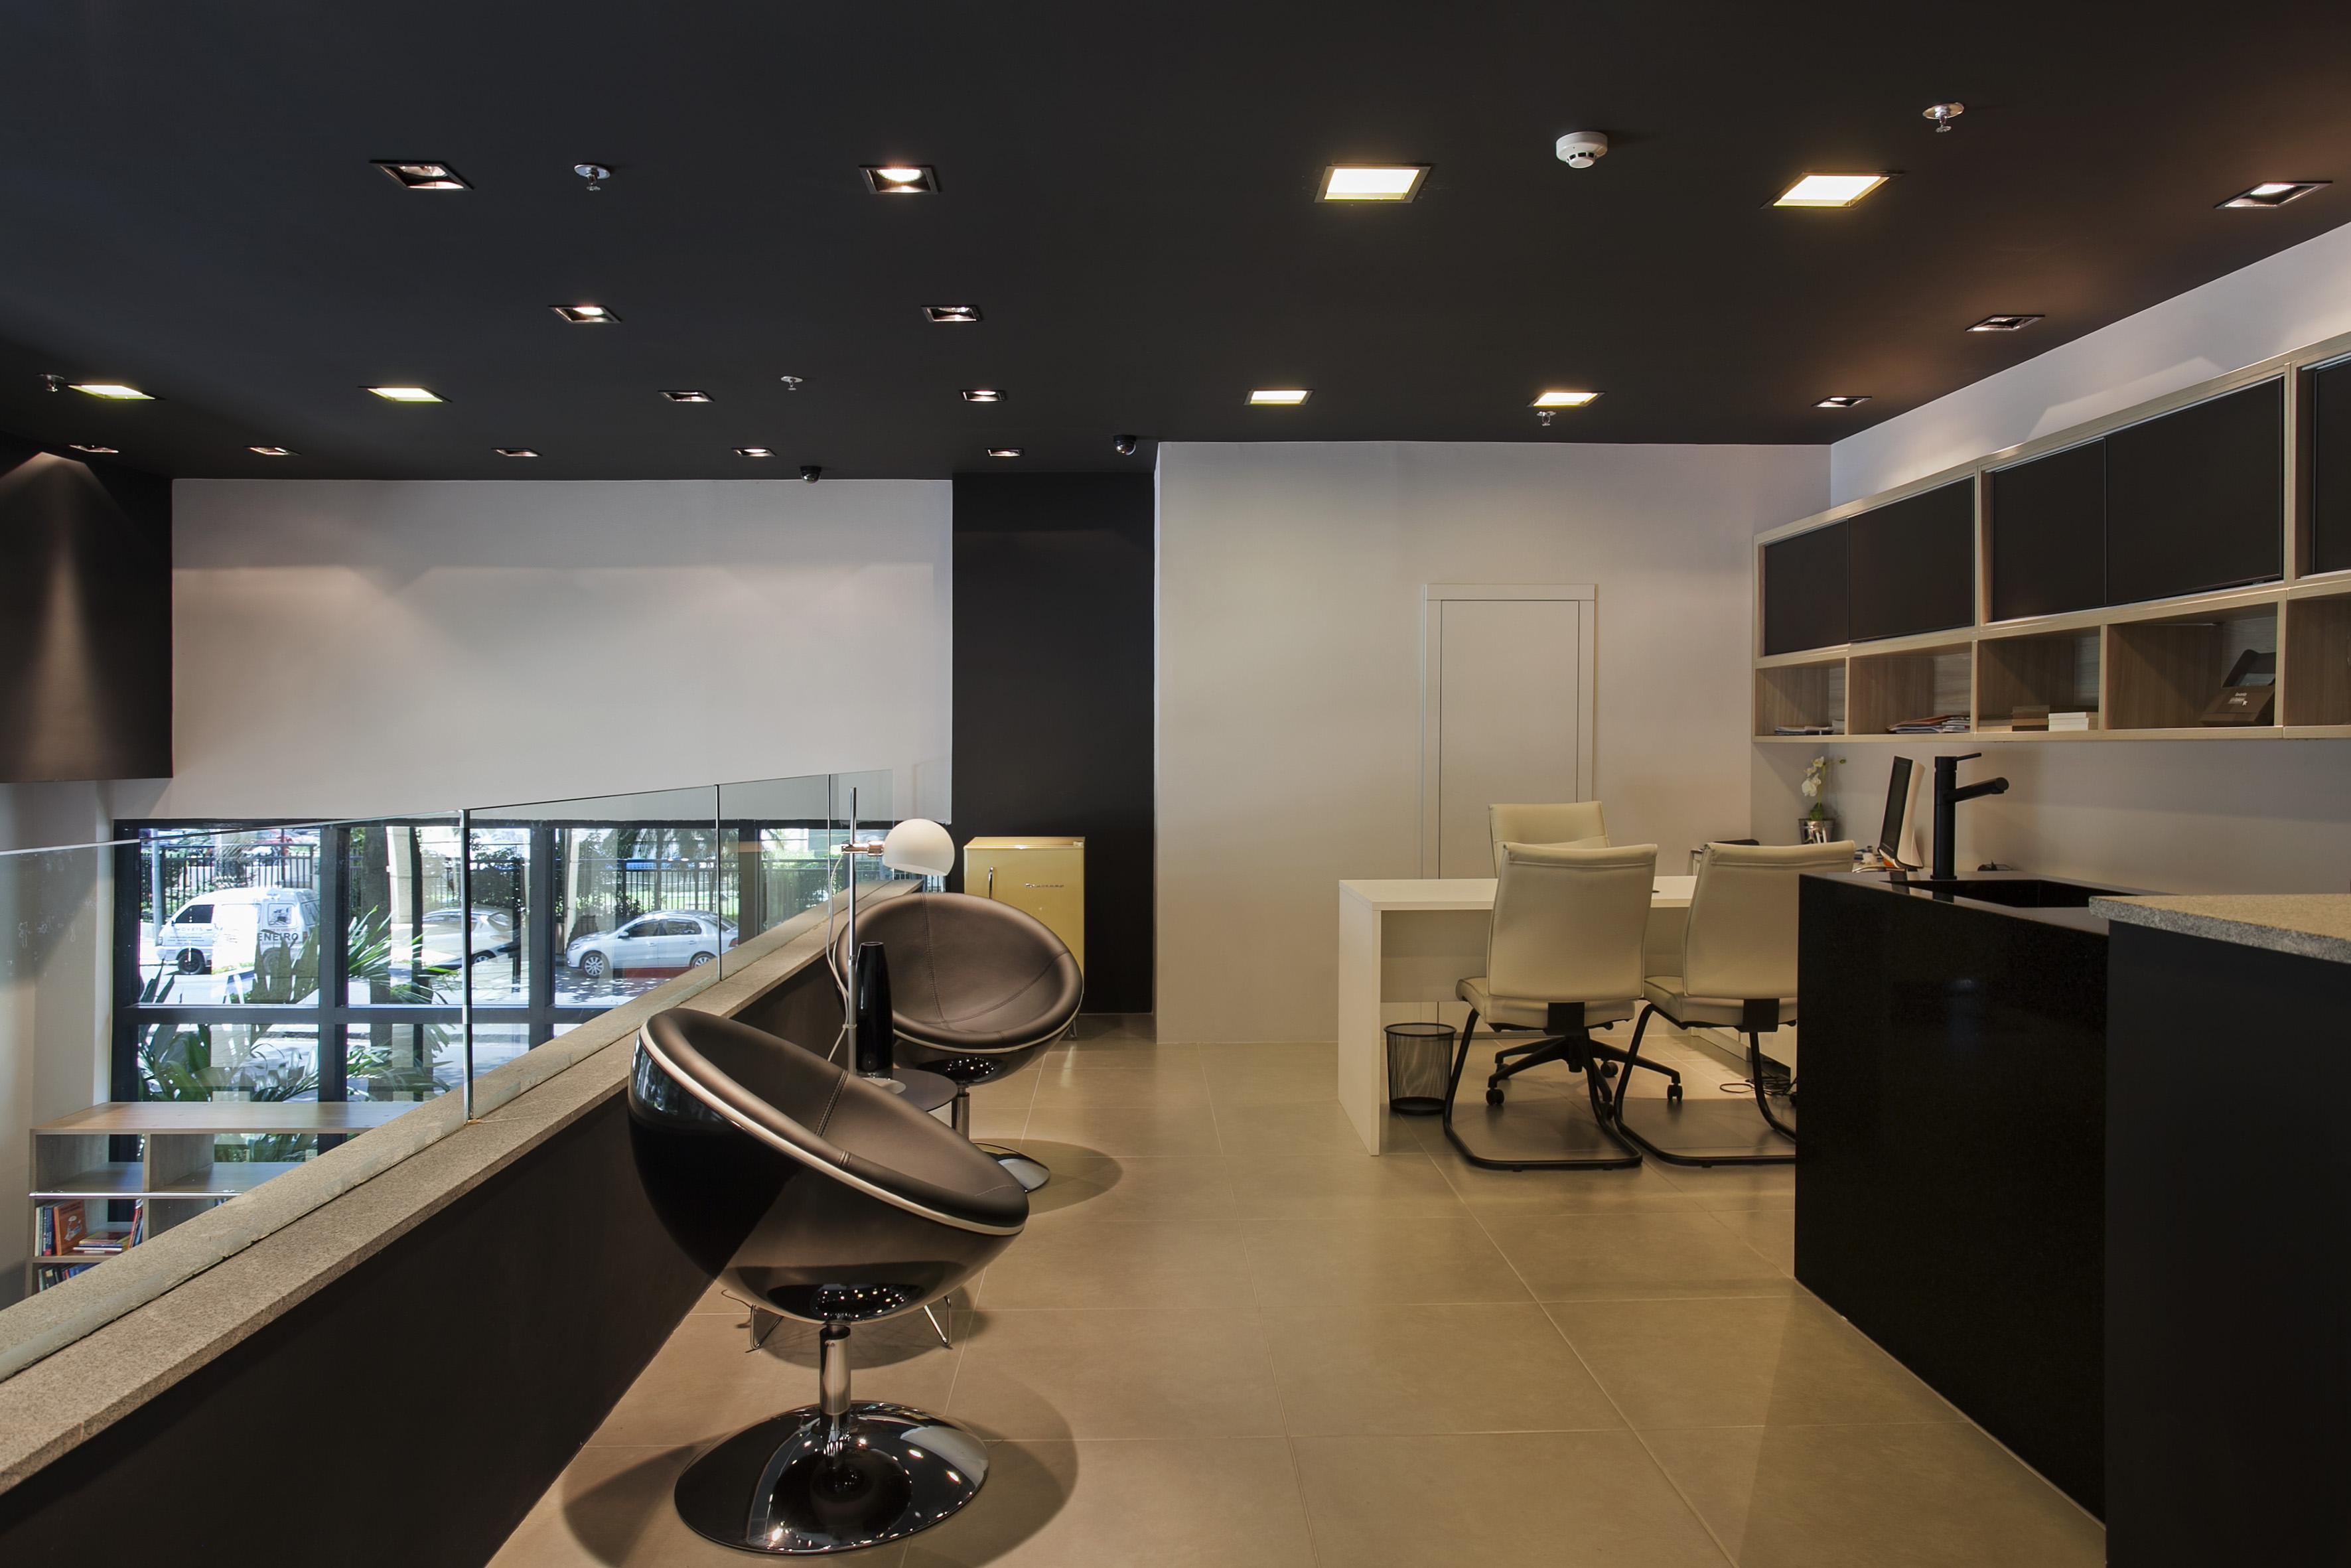 Favorita Barra Prime Offices Rio de Janeiro O Negócio do Varejo #836947 3543x2363